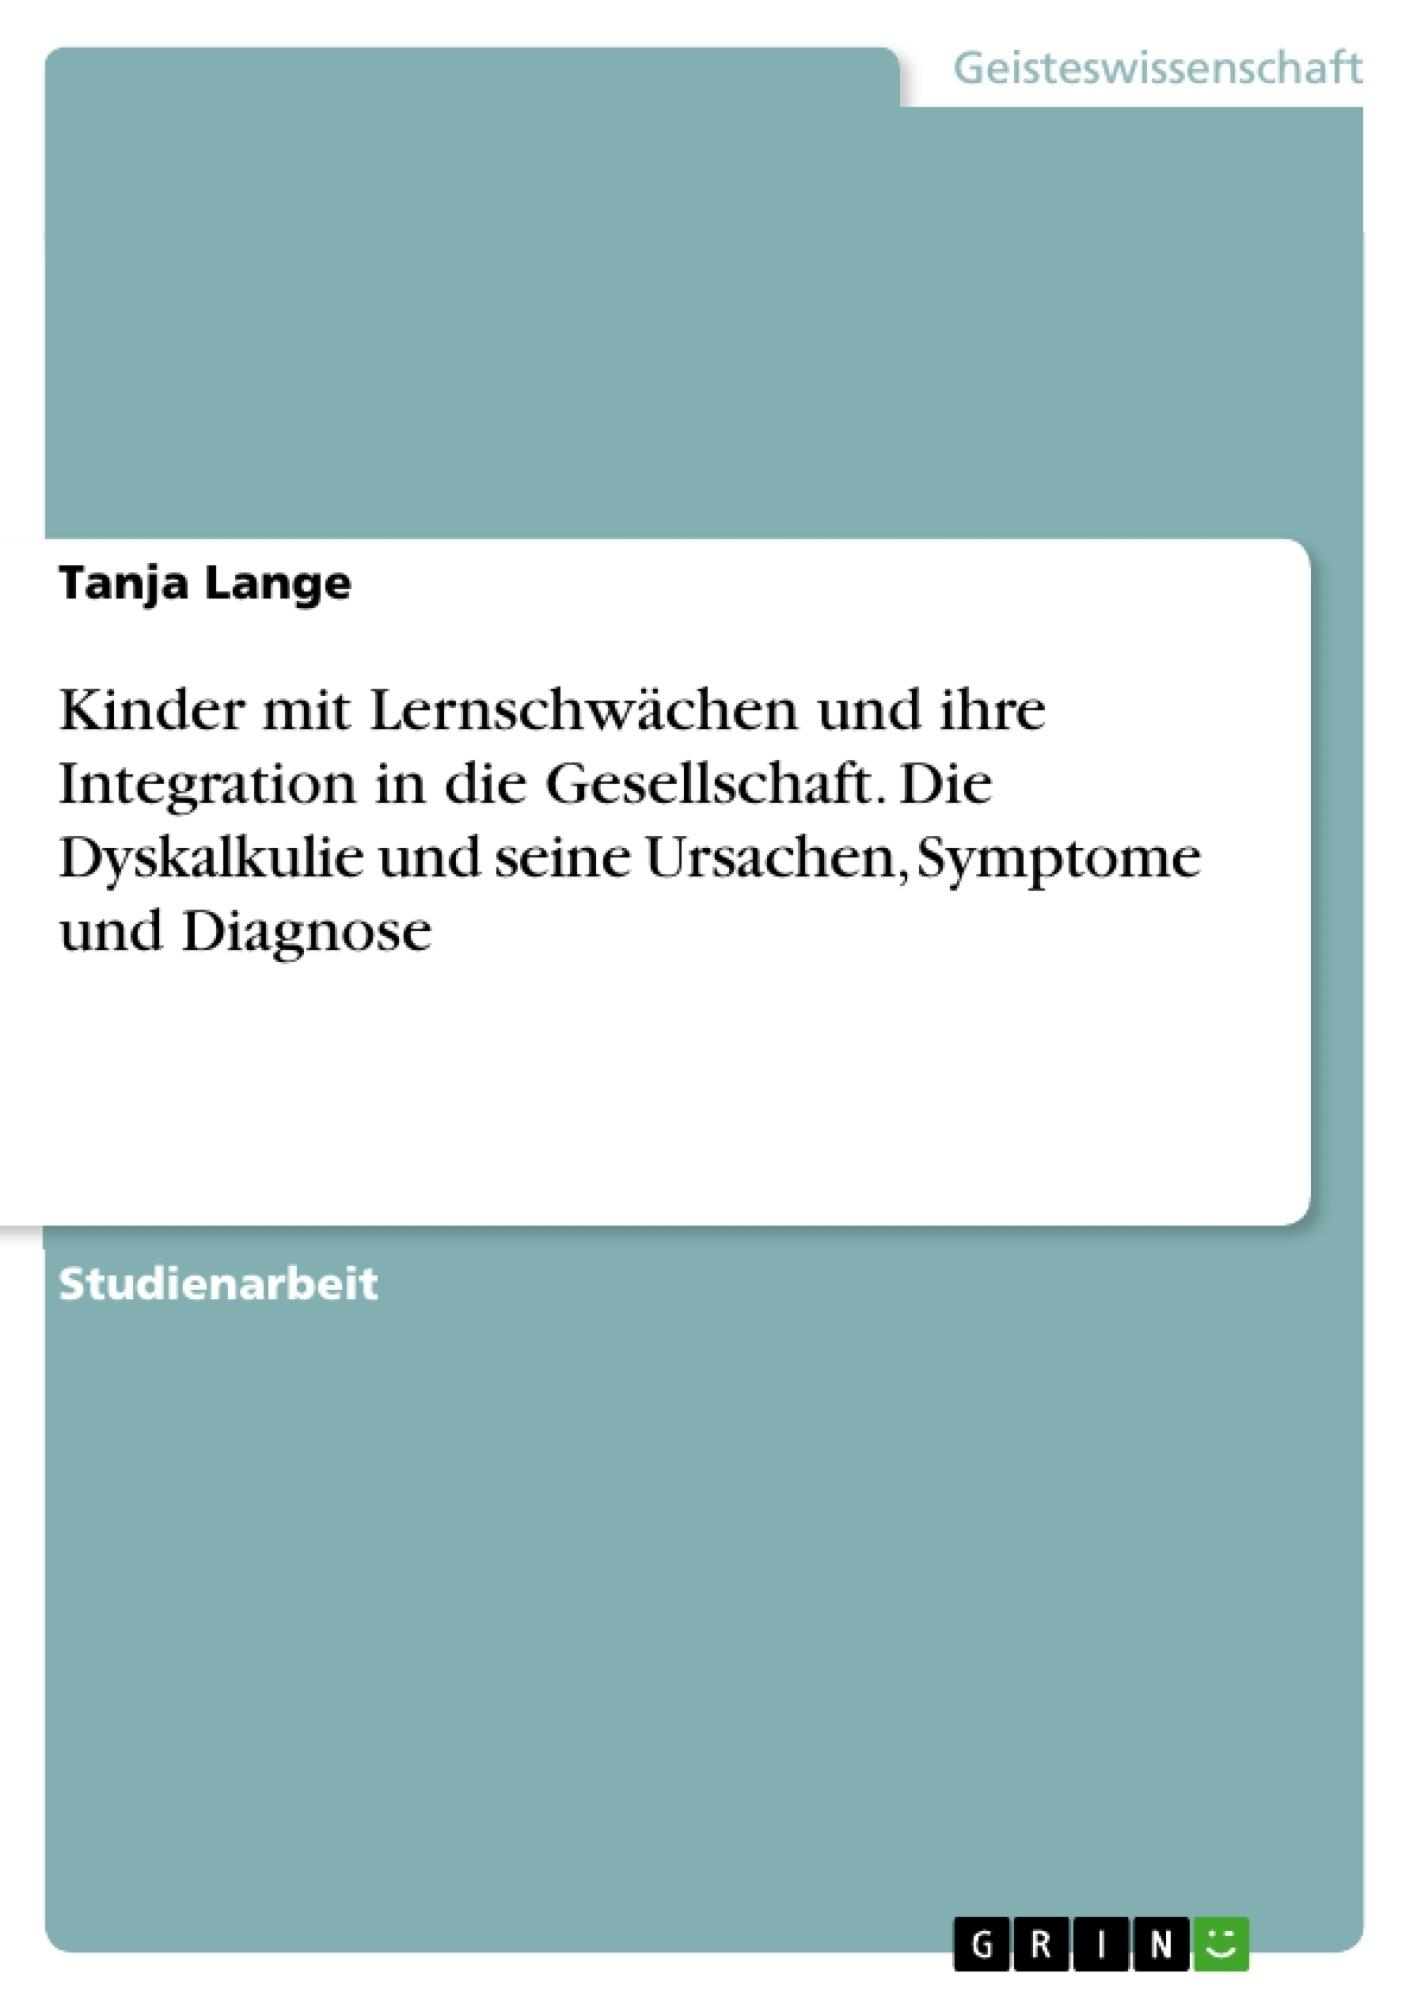 Titel: Kinder mit Lernschwächen und ihre Integration in die Gesellschaft. Die Dyskalkulie und seine Ursachen, Symptome und Diagnose